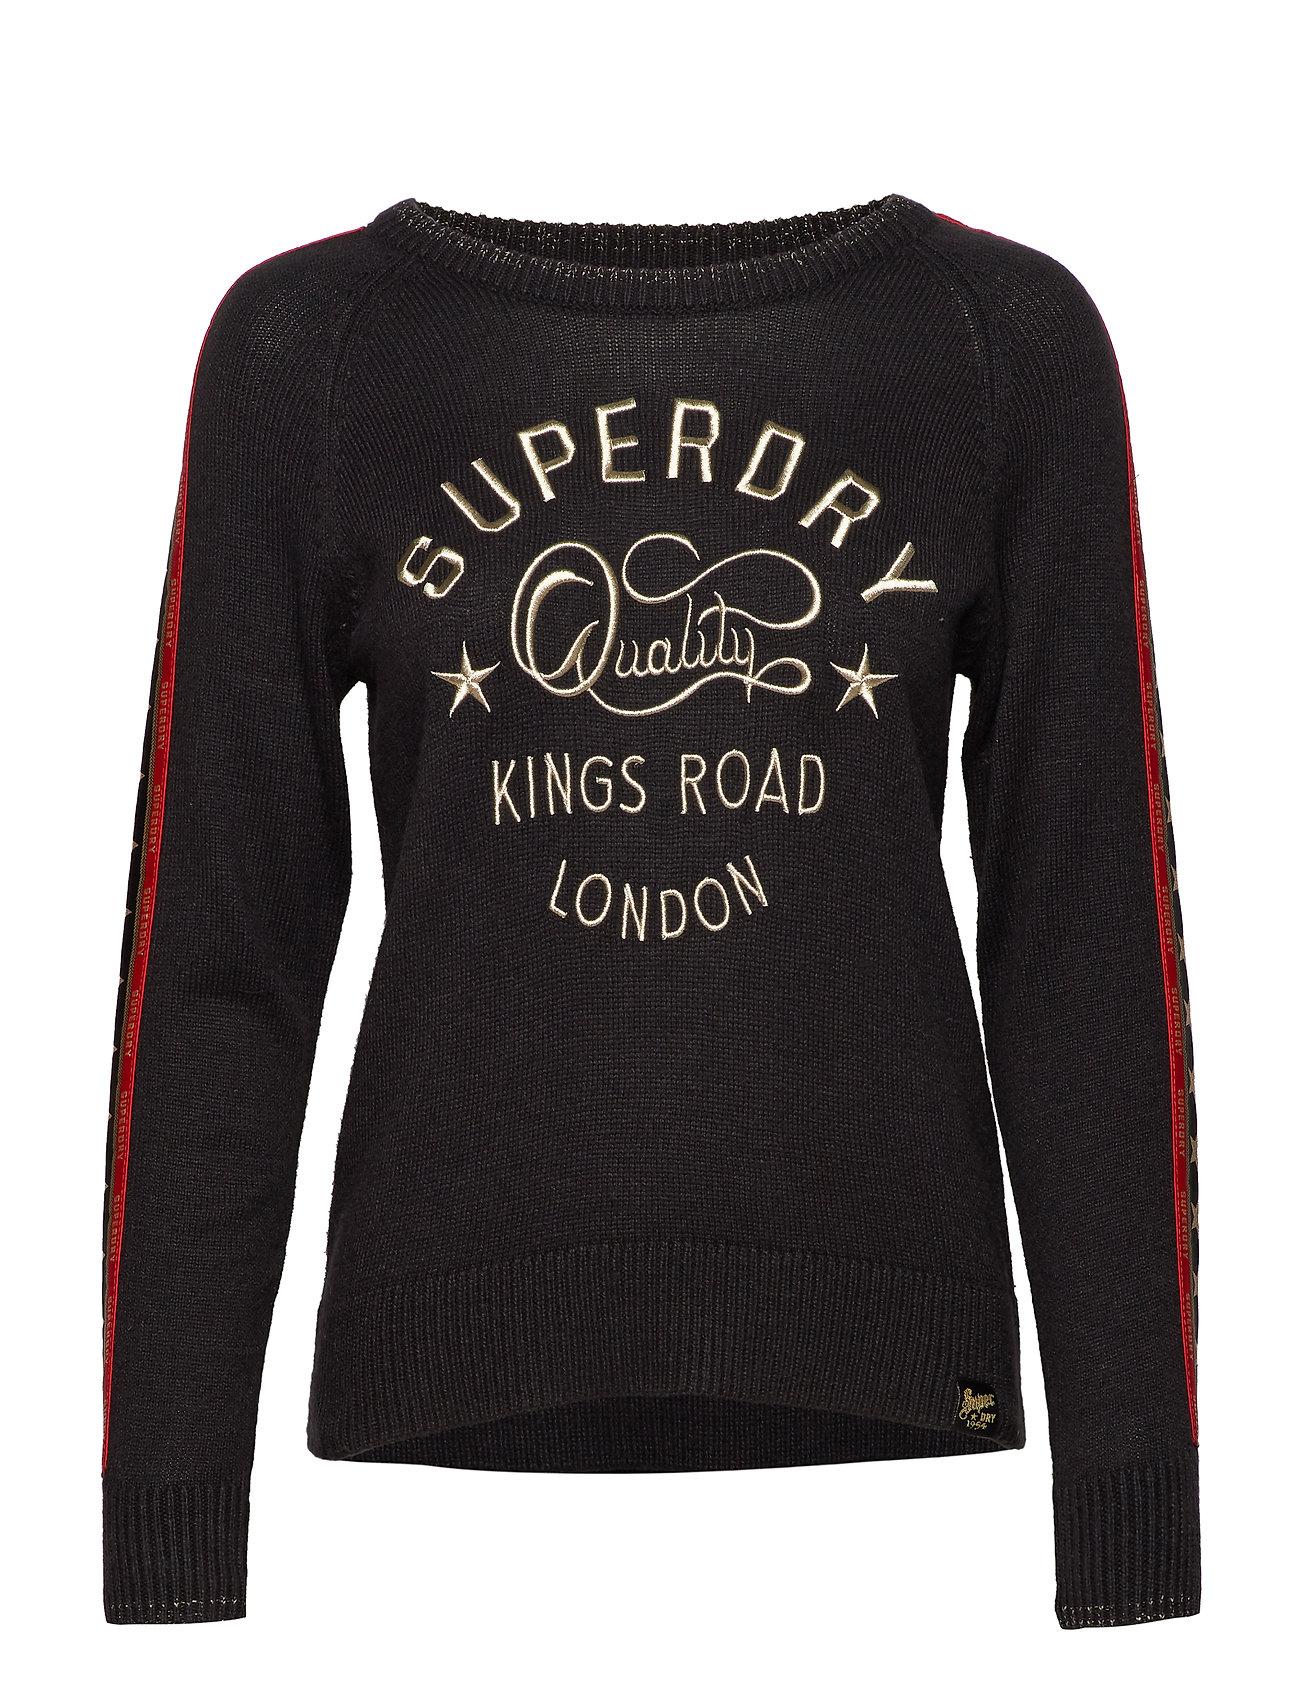 Superdry SUPERDRY ROCK JUMPER - BLACK